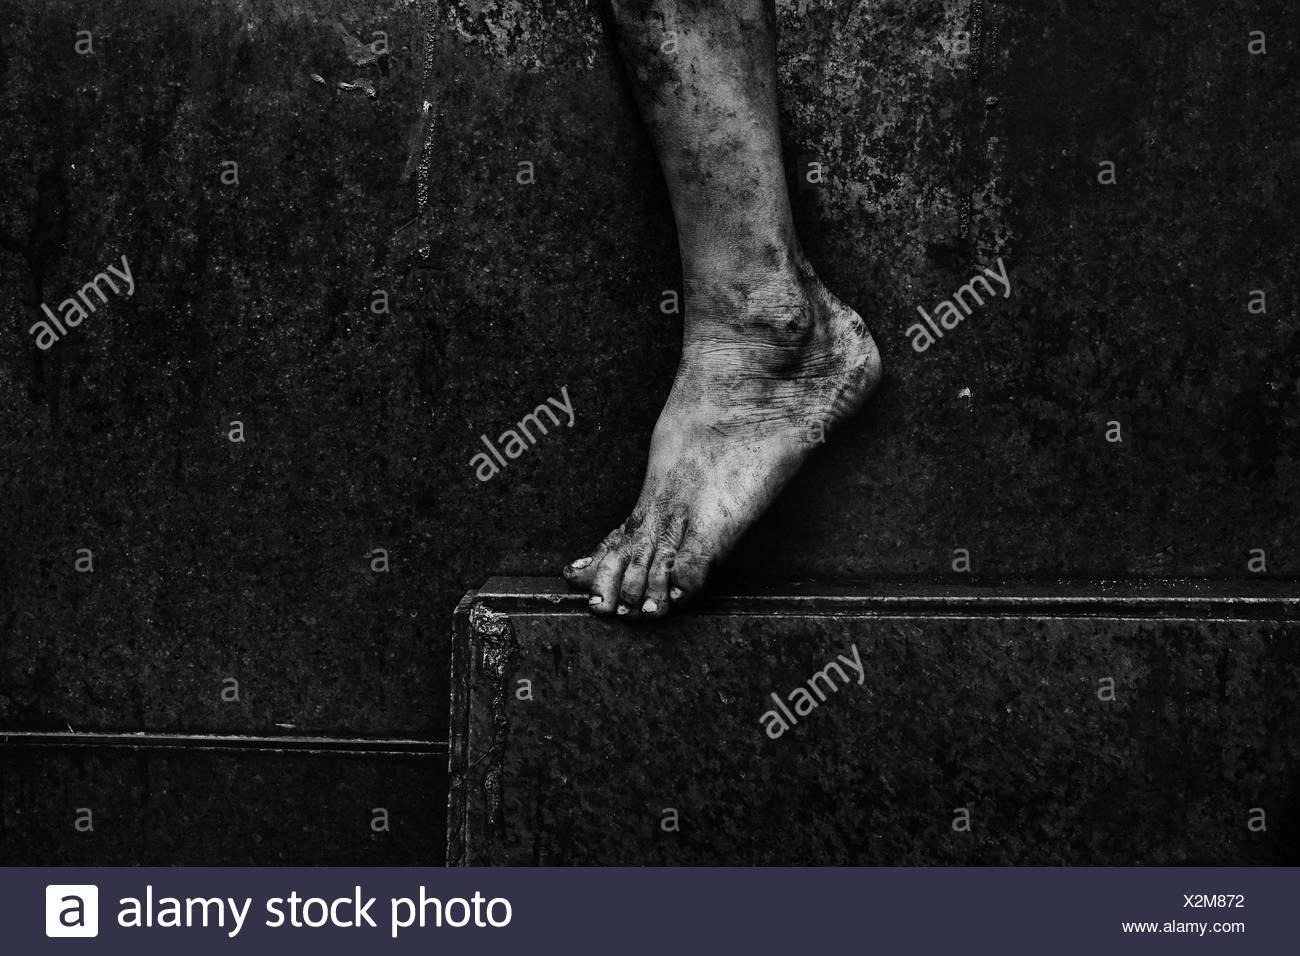 La section basse de Barefoot Photo Stock